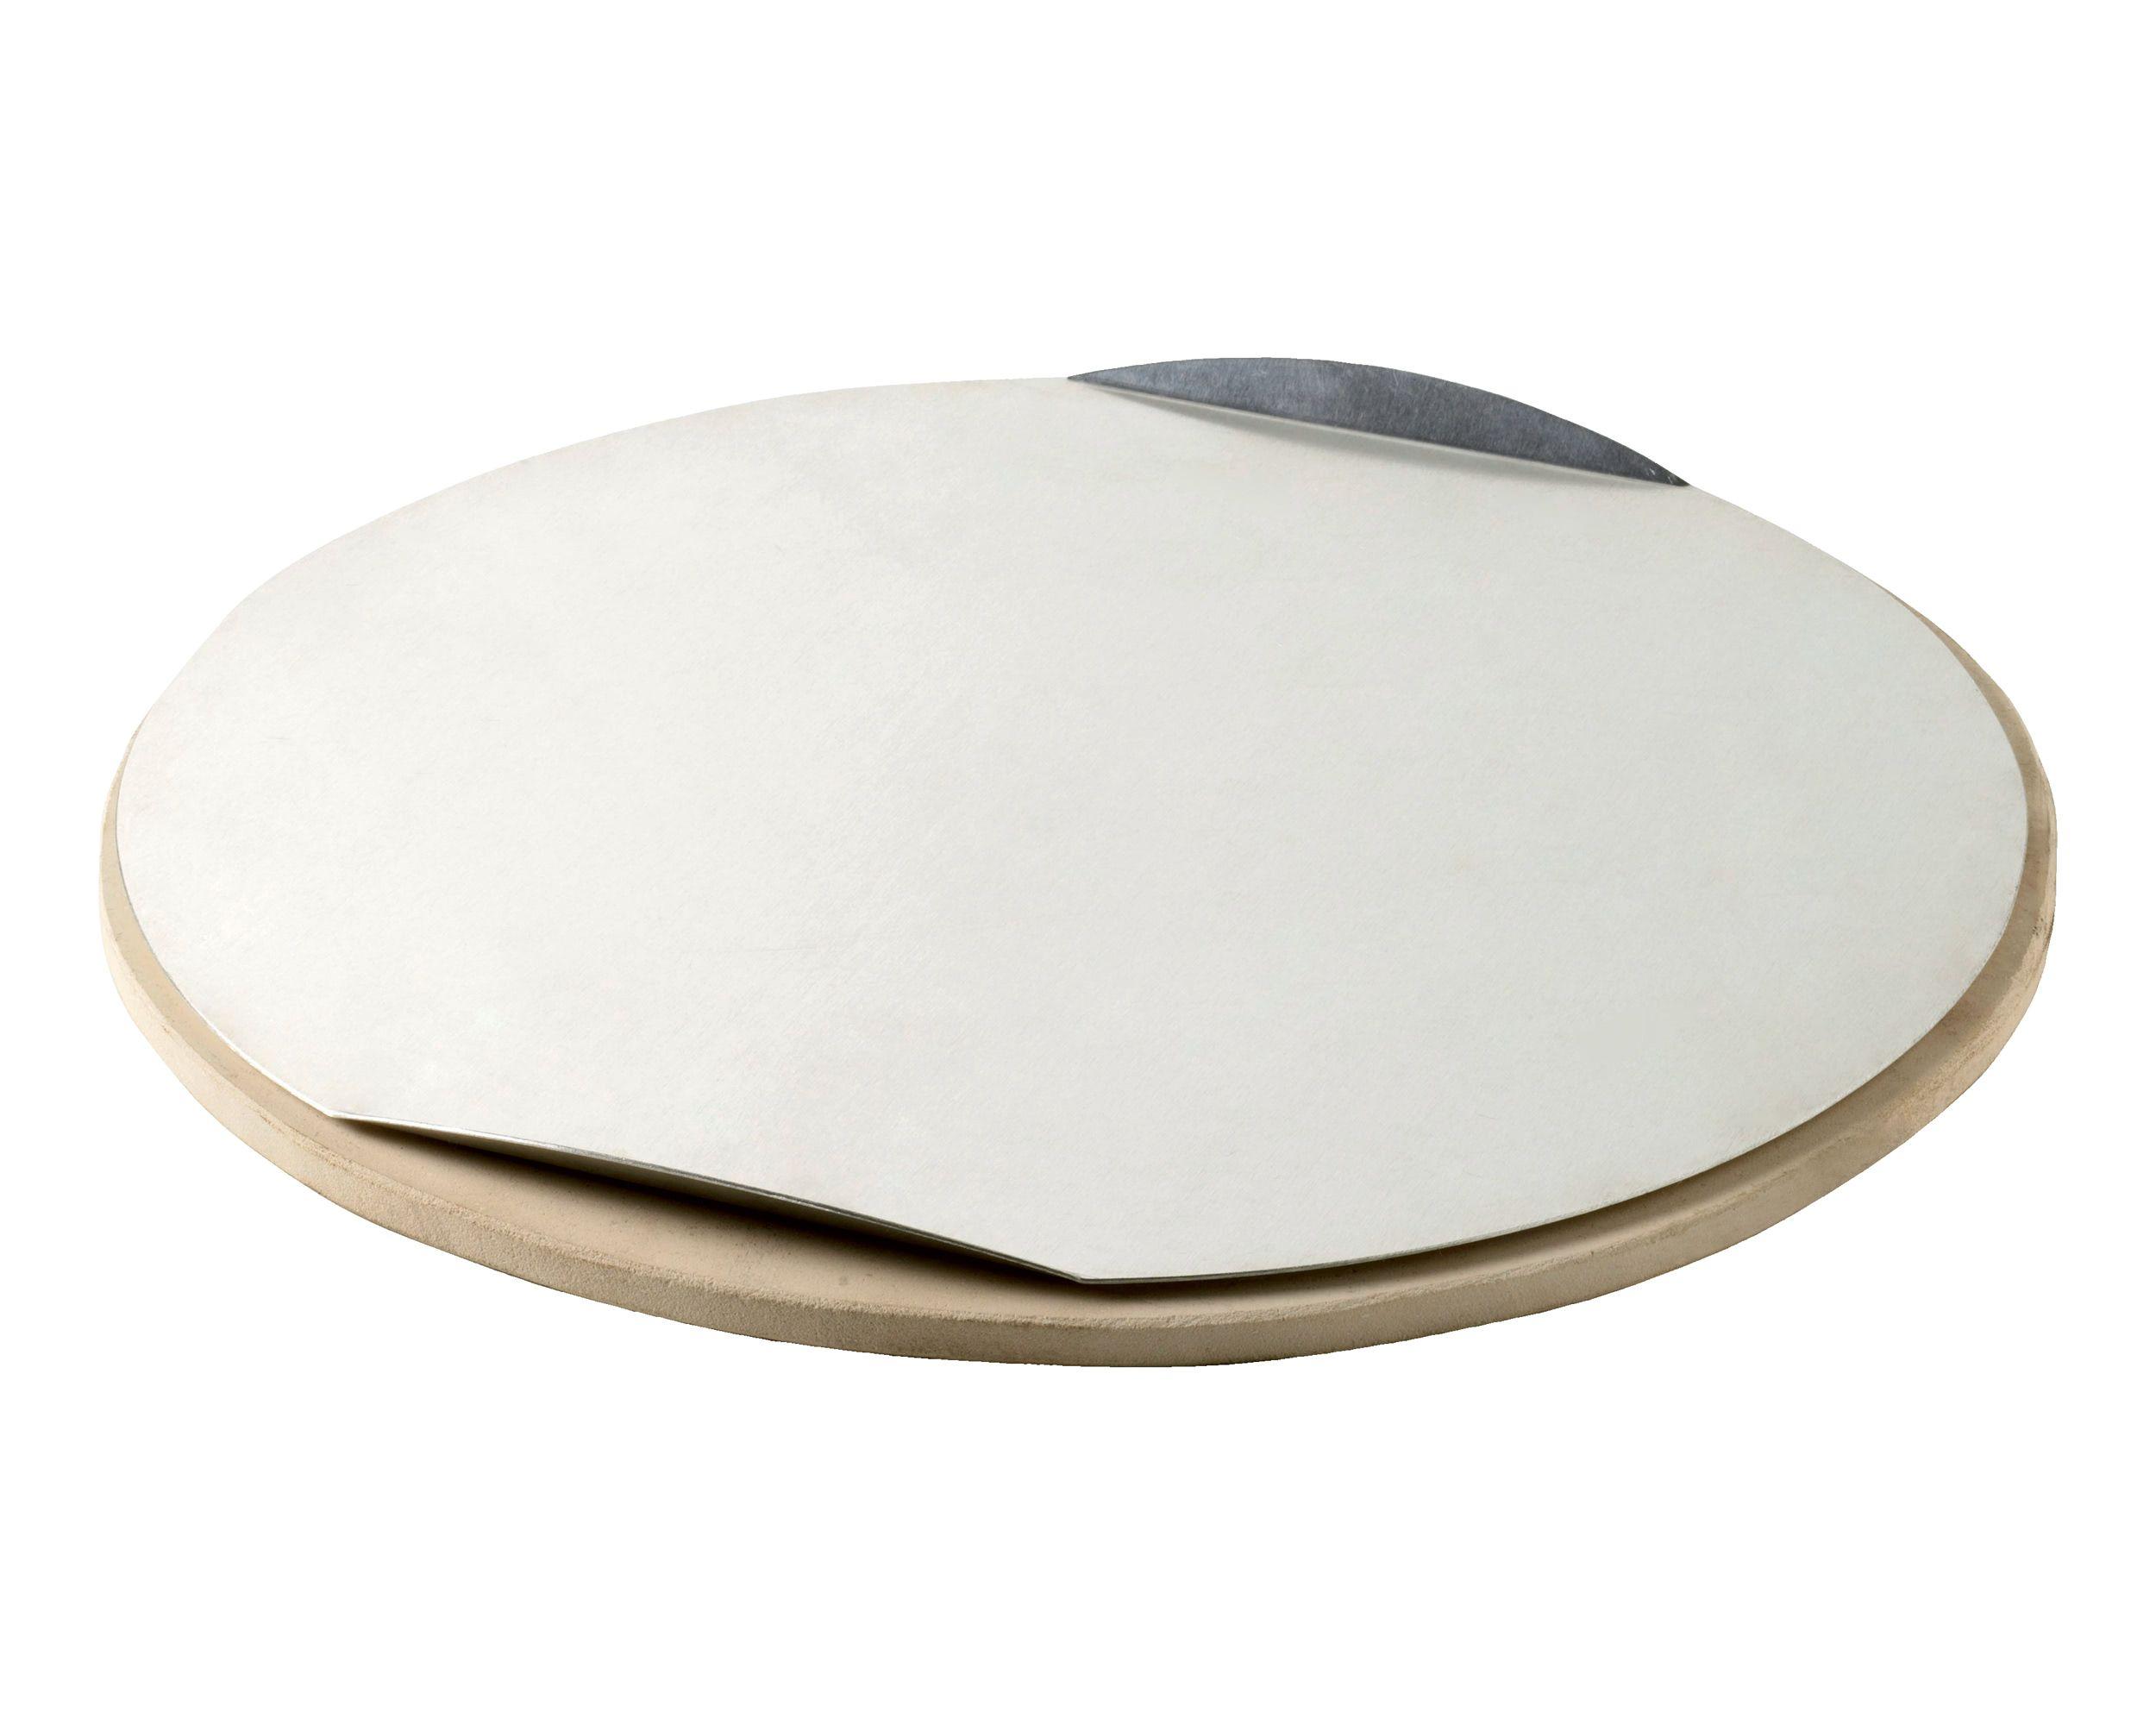 Weber® Pizzastein, Ø36,5 cm